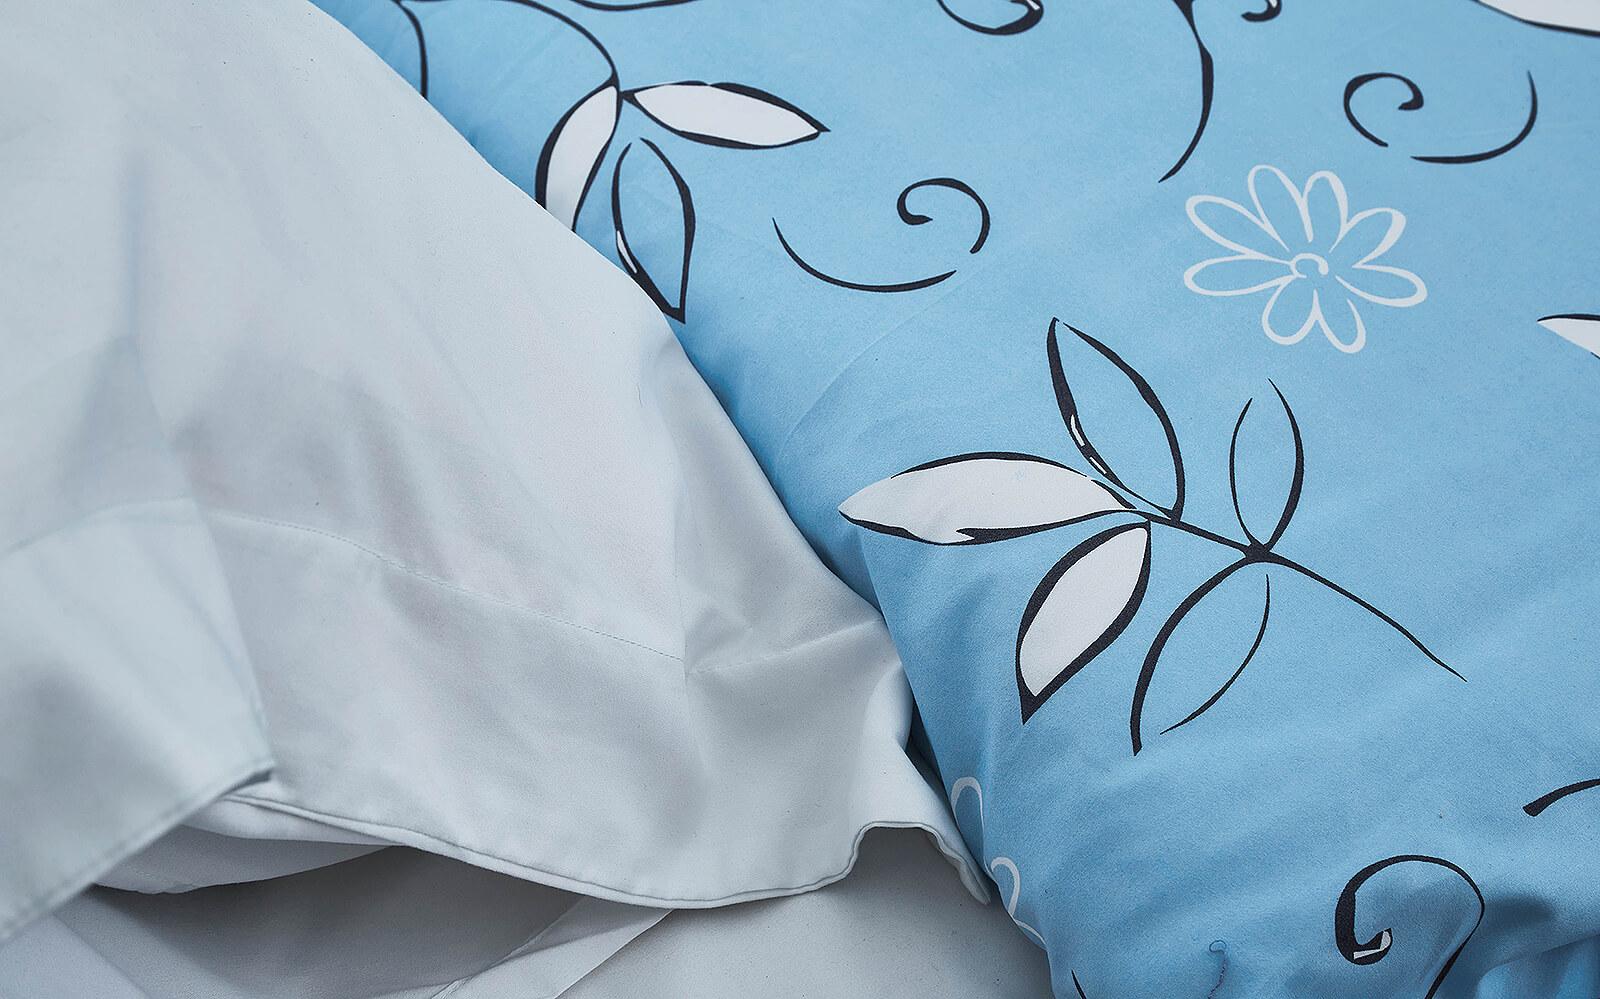 Lotus รุ่น Impression ชุดผ้าปูที่นอน LI-056